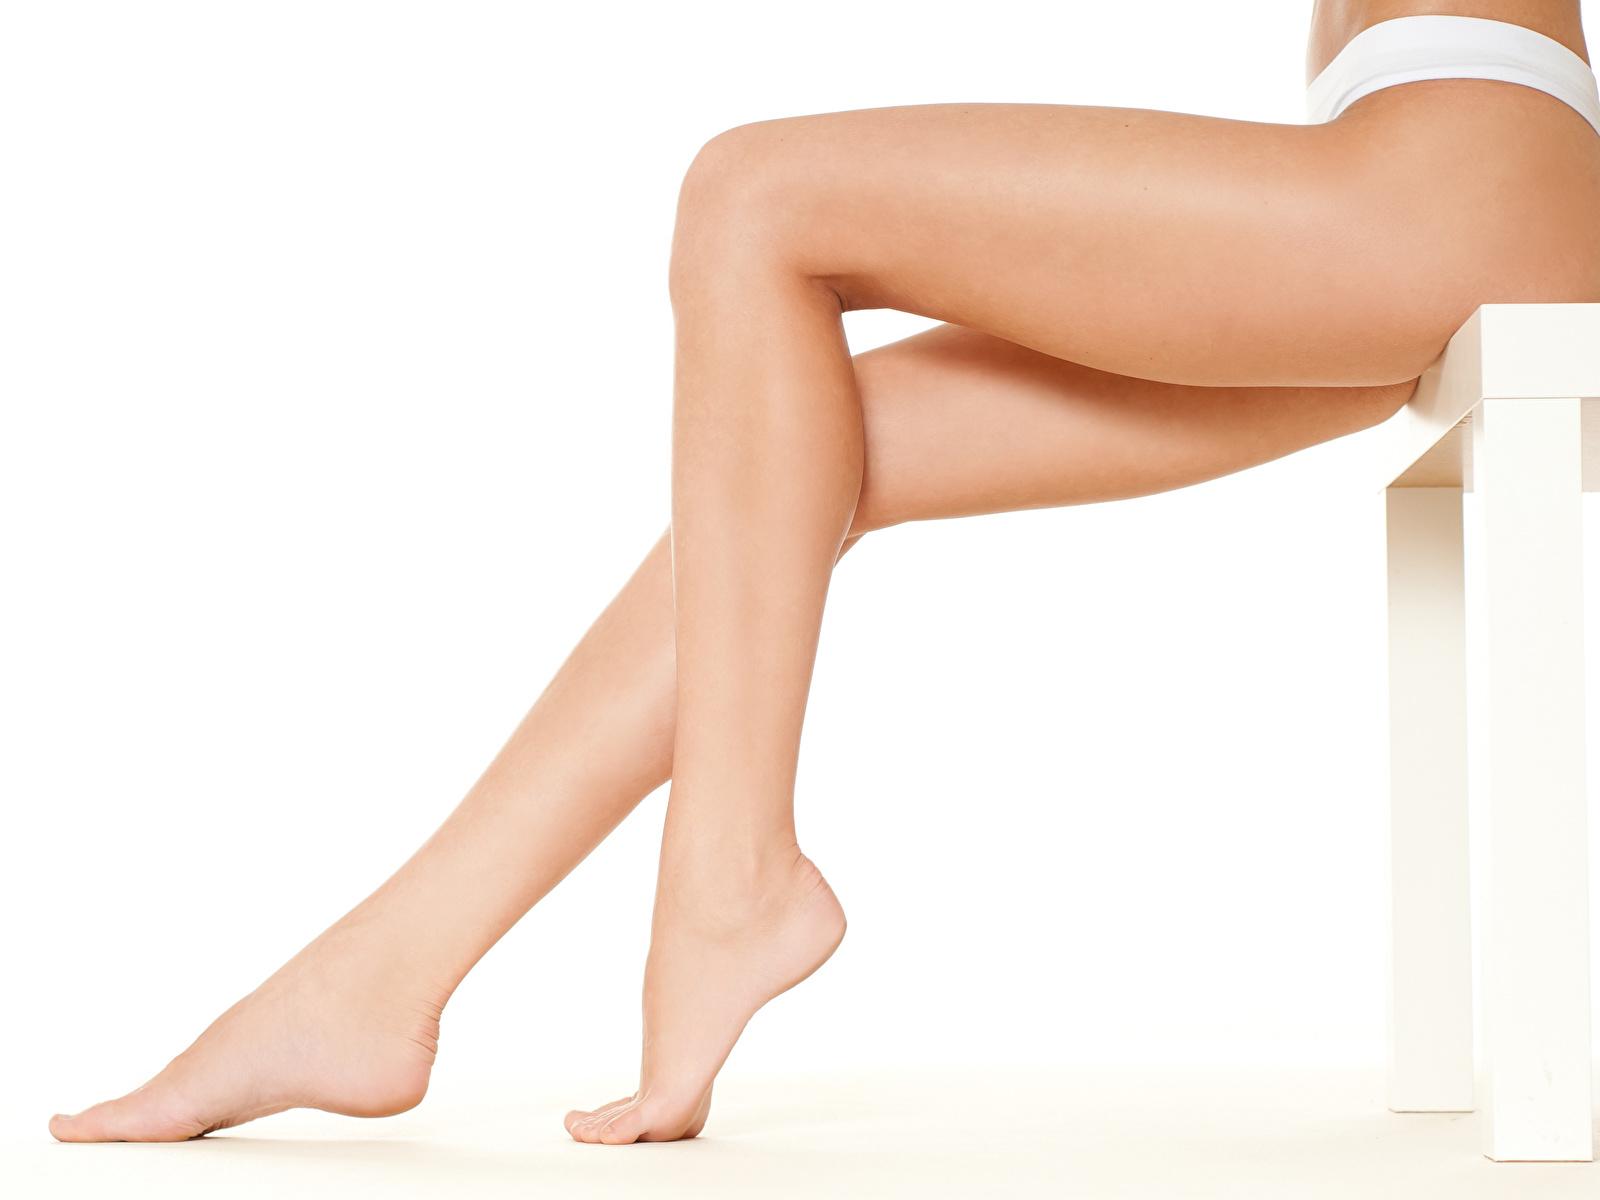 Foto Schön Mädchens Bein Großansicht Weißer hintergrund 1600x1200 hübsch schöne hübsche schöner schönes hübscher junge frau junge Frauen hautnah Nahaufnahme